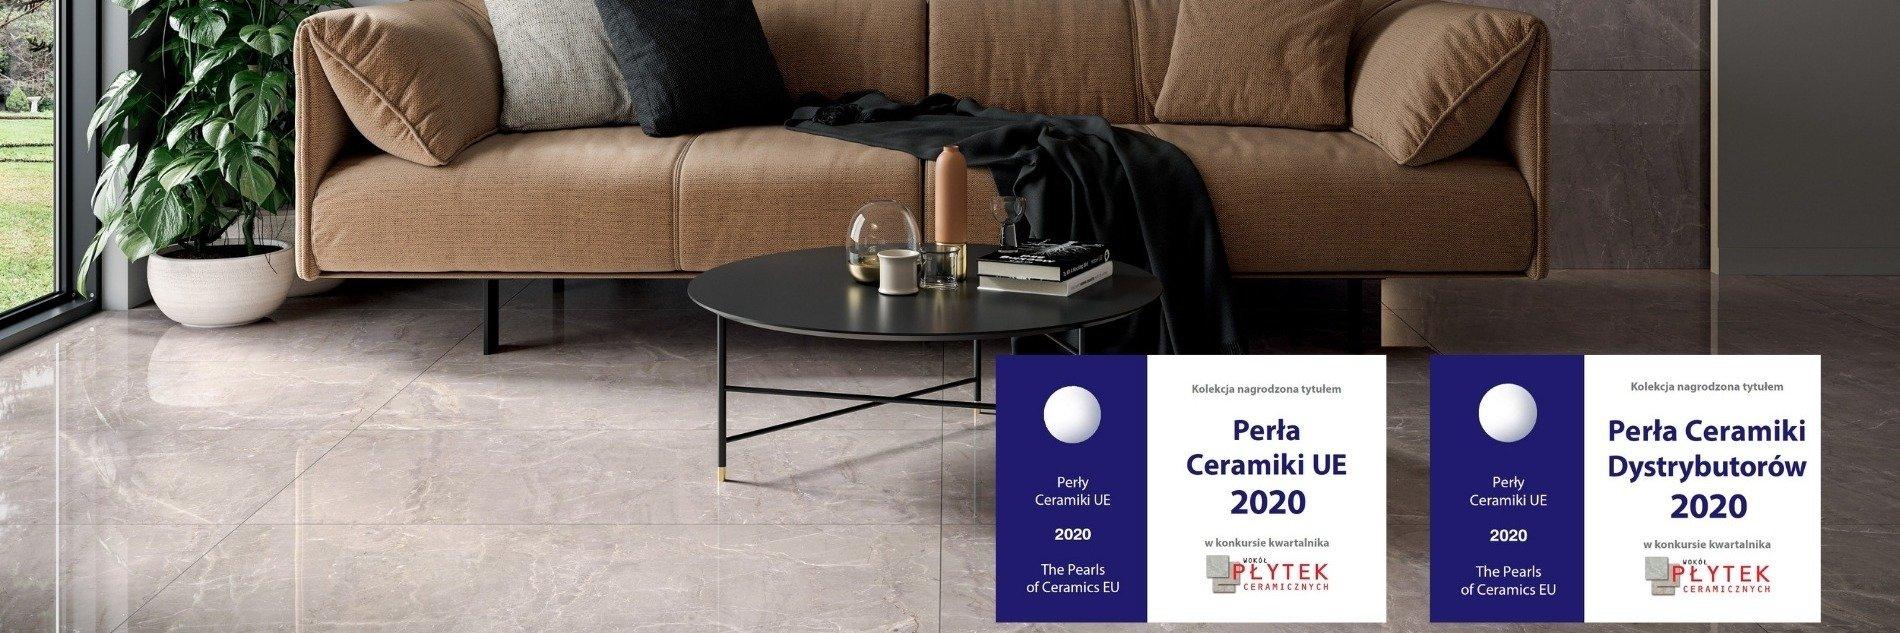 Perły Ceramiki UE 2020 awarded. 8 stauettes for Ceramica Paradyż